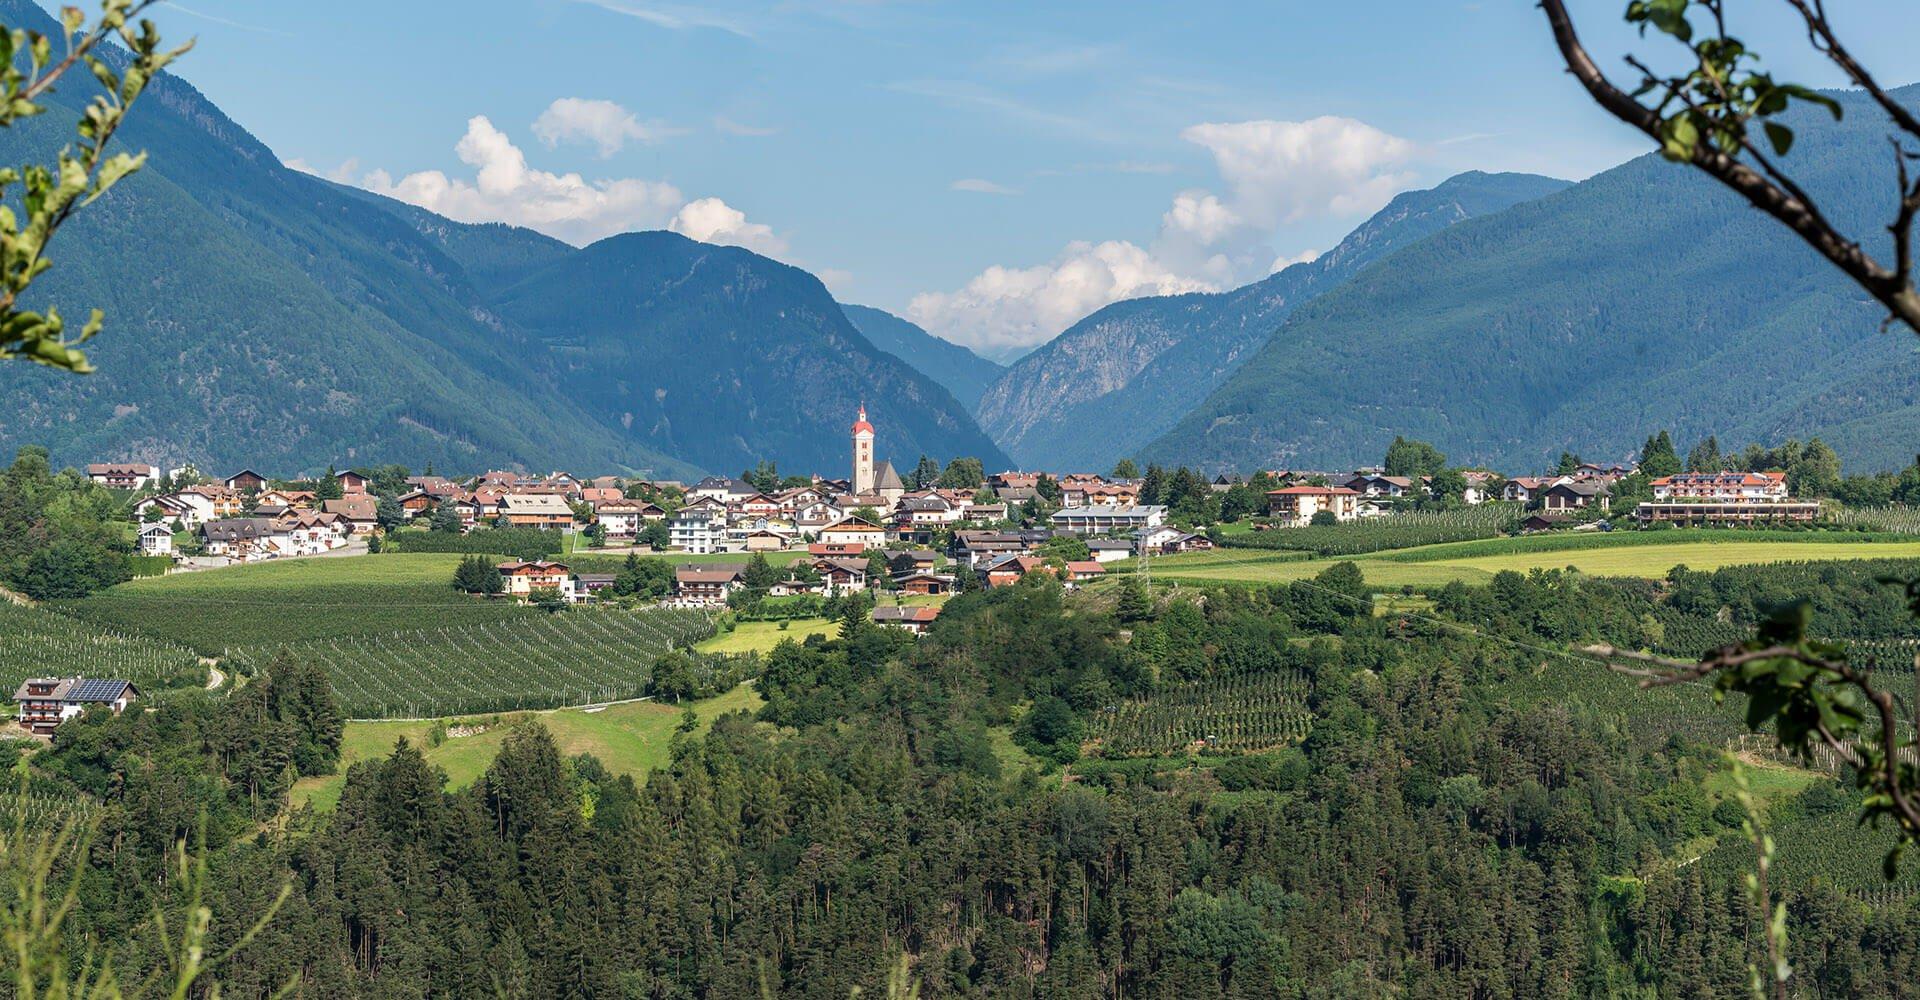 Wanderurlaub in den Dolomiten im Eisacktal